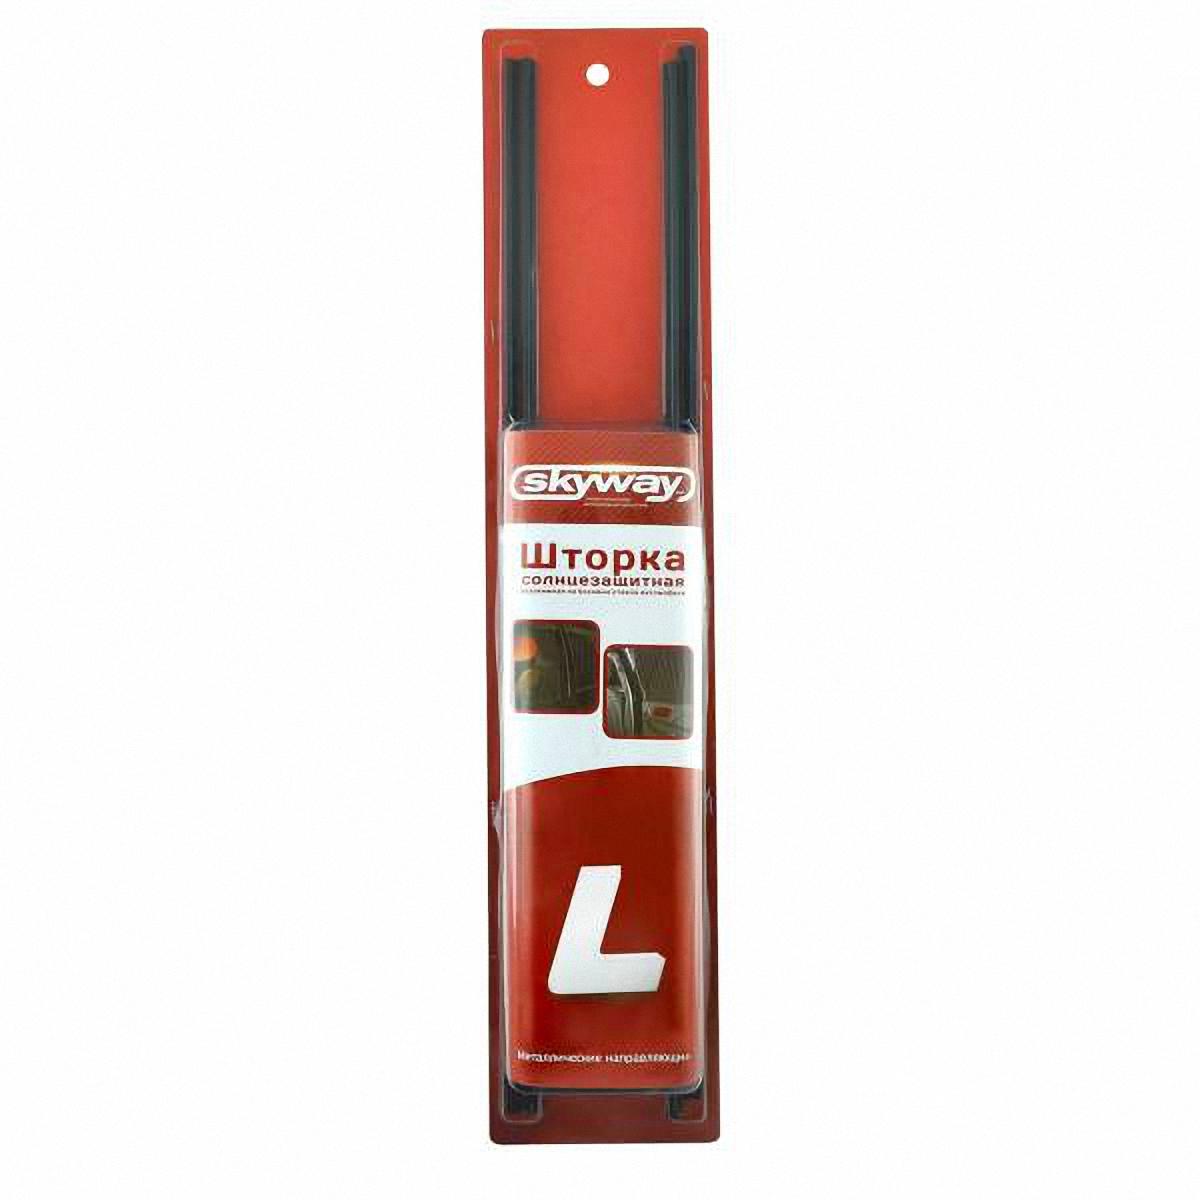 Шторка солнцезащитная Skyway, раздвижная, на боковое стекло, 50 х 53 см, 2 штS01201003Шторка раздвижная на боковые стекла надёжно защитит от прямых солнечных лучей и сохранит прохладу в салоне автомобиля. Крепление: велкро (липучки). Материал направляющих: алюминий. Материал штор: полиэстер. Размер: L (50 х 47-53 см).